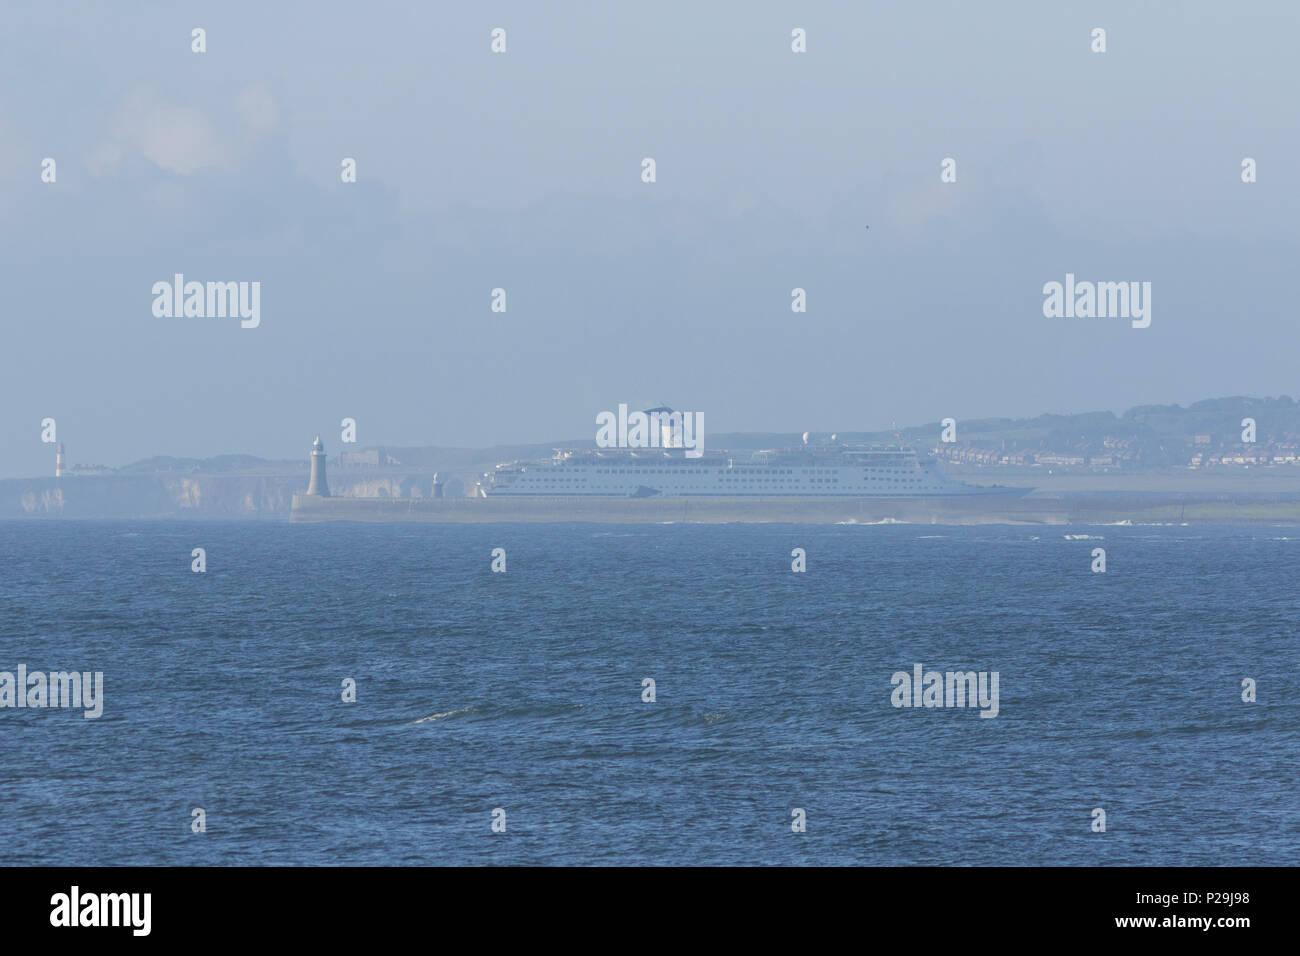 Cruise ship entering the River TYne Stock Photo